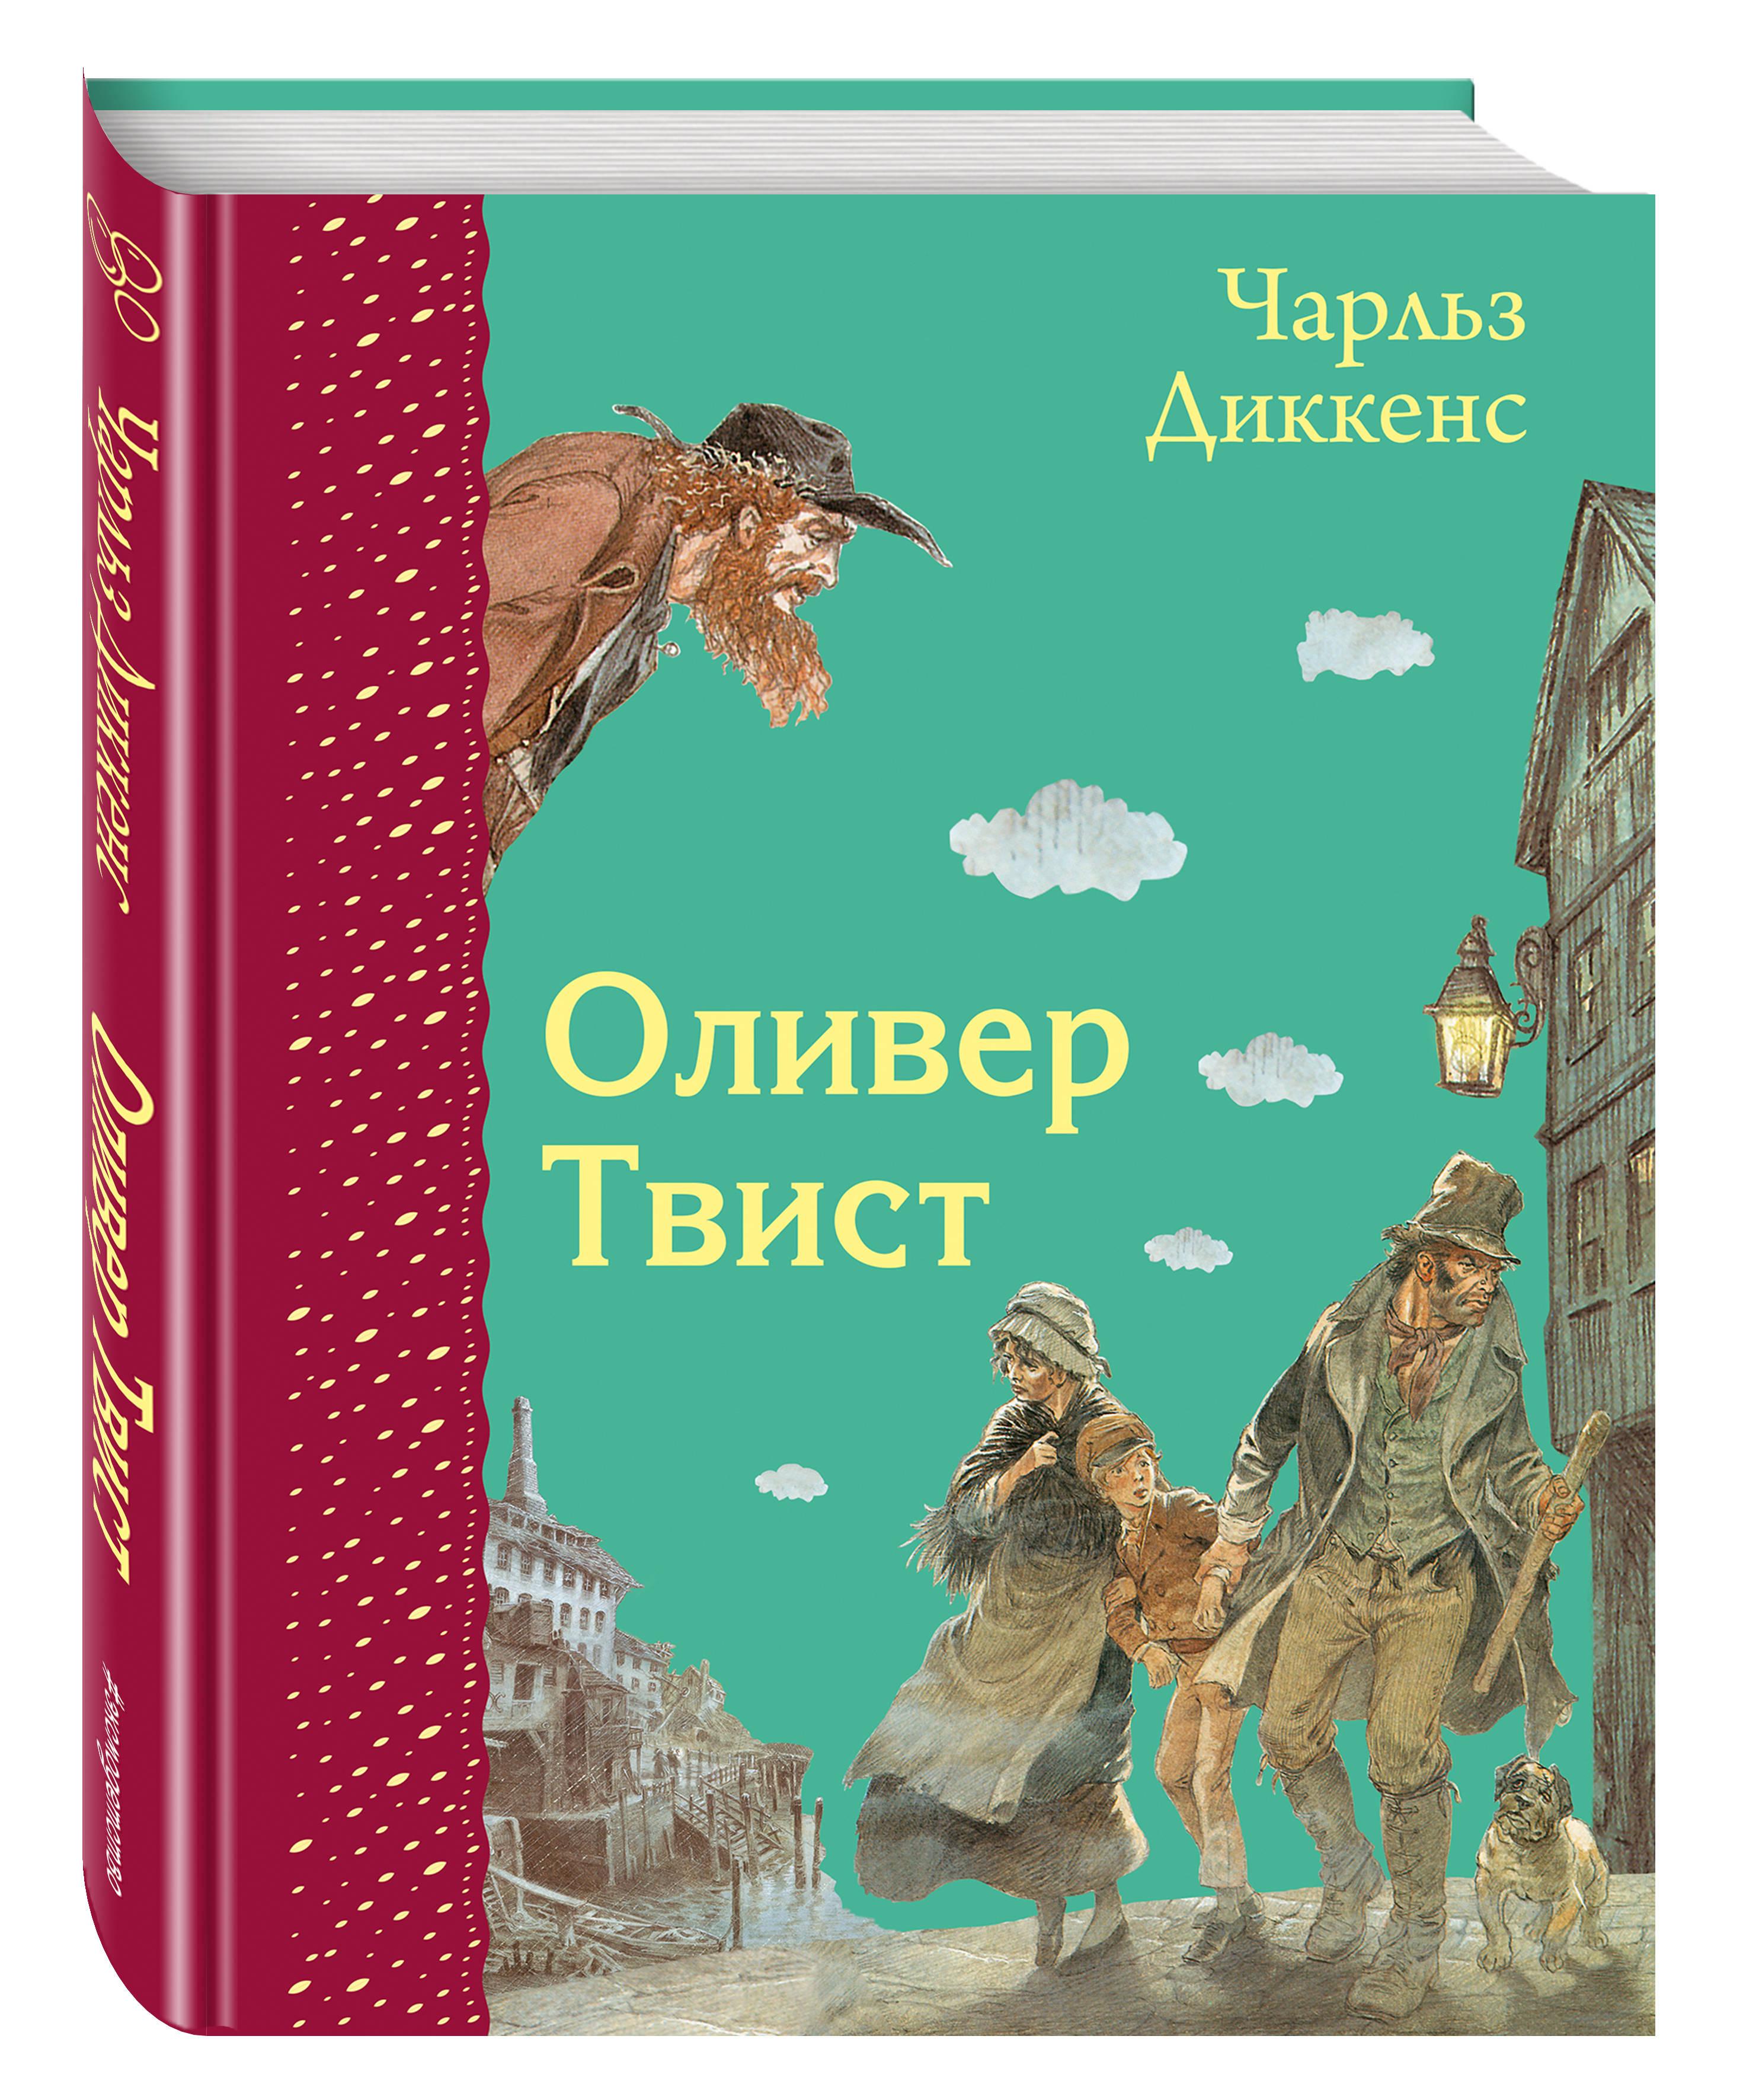 Диккенс Ч. Оливер Твист (ил. Э. Кинкейда) ISBN: 978-5-699-88733-0